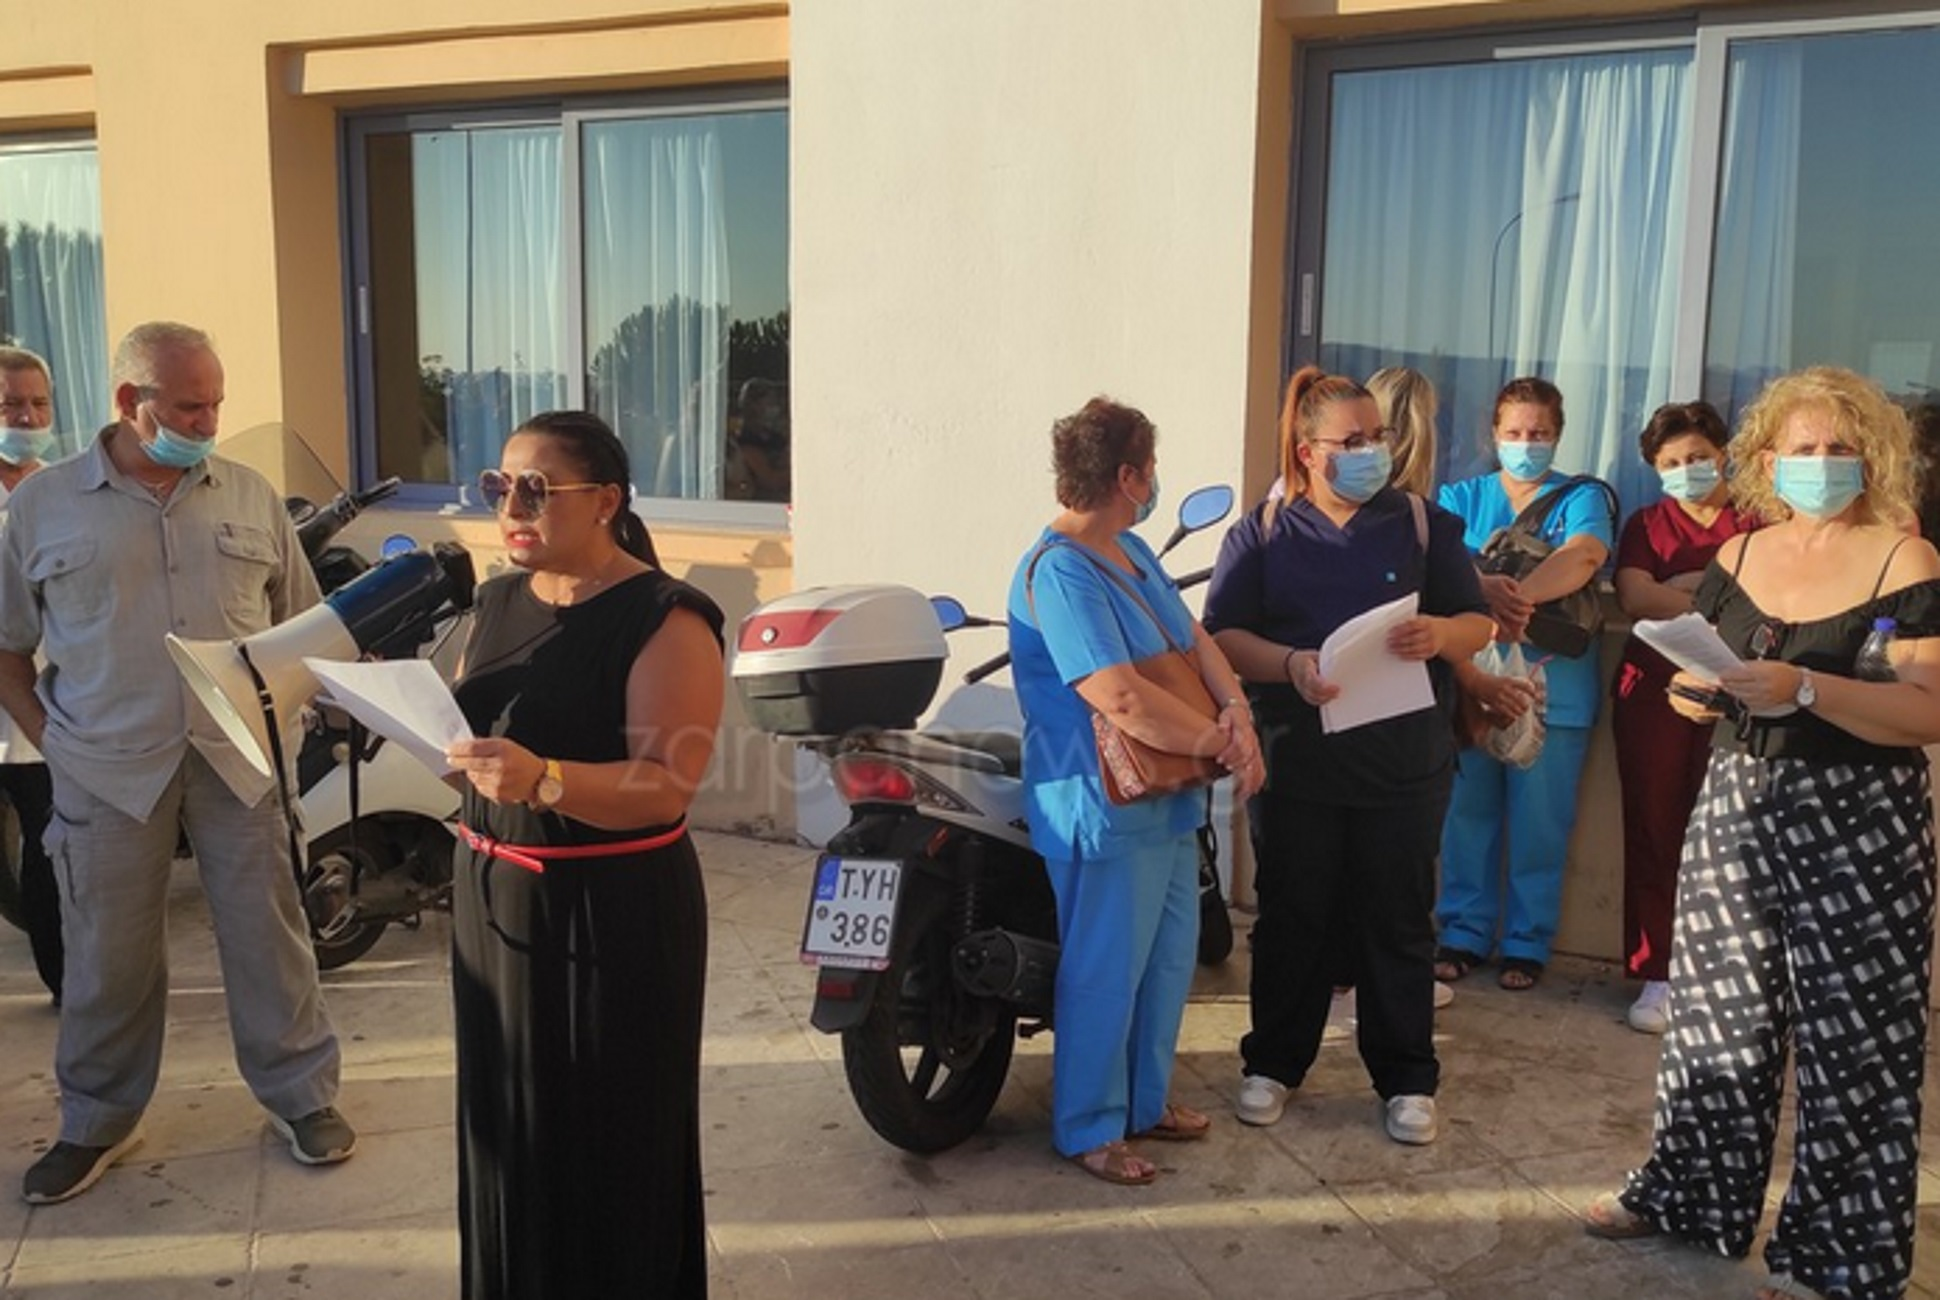 Χανιά: Εκτός 109 υγειονομικοί από το νοσοκομείο – Οργισμένα ξεσπάσματα για τις αναστολές εργασίας